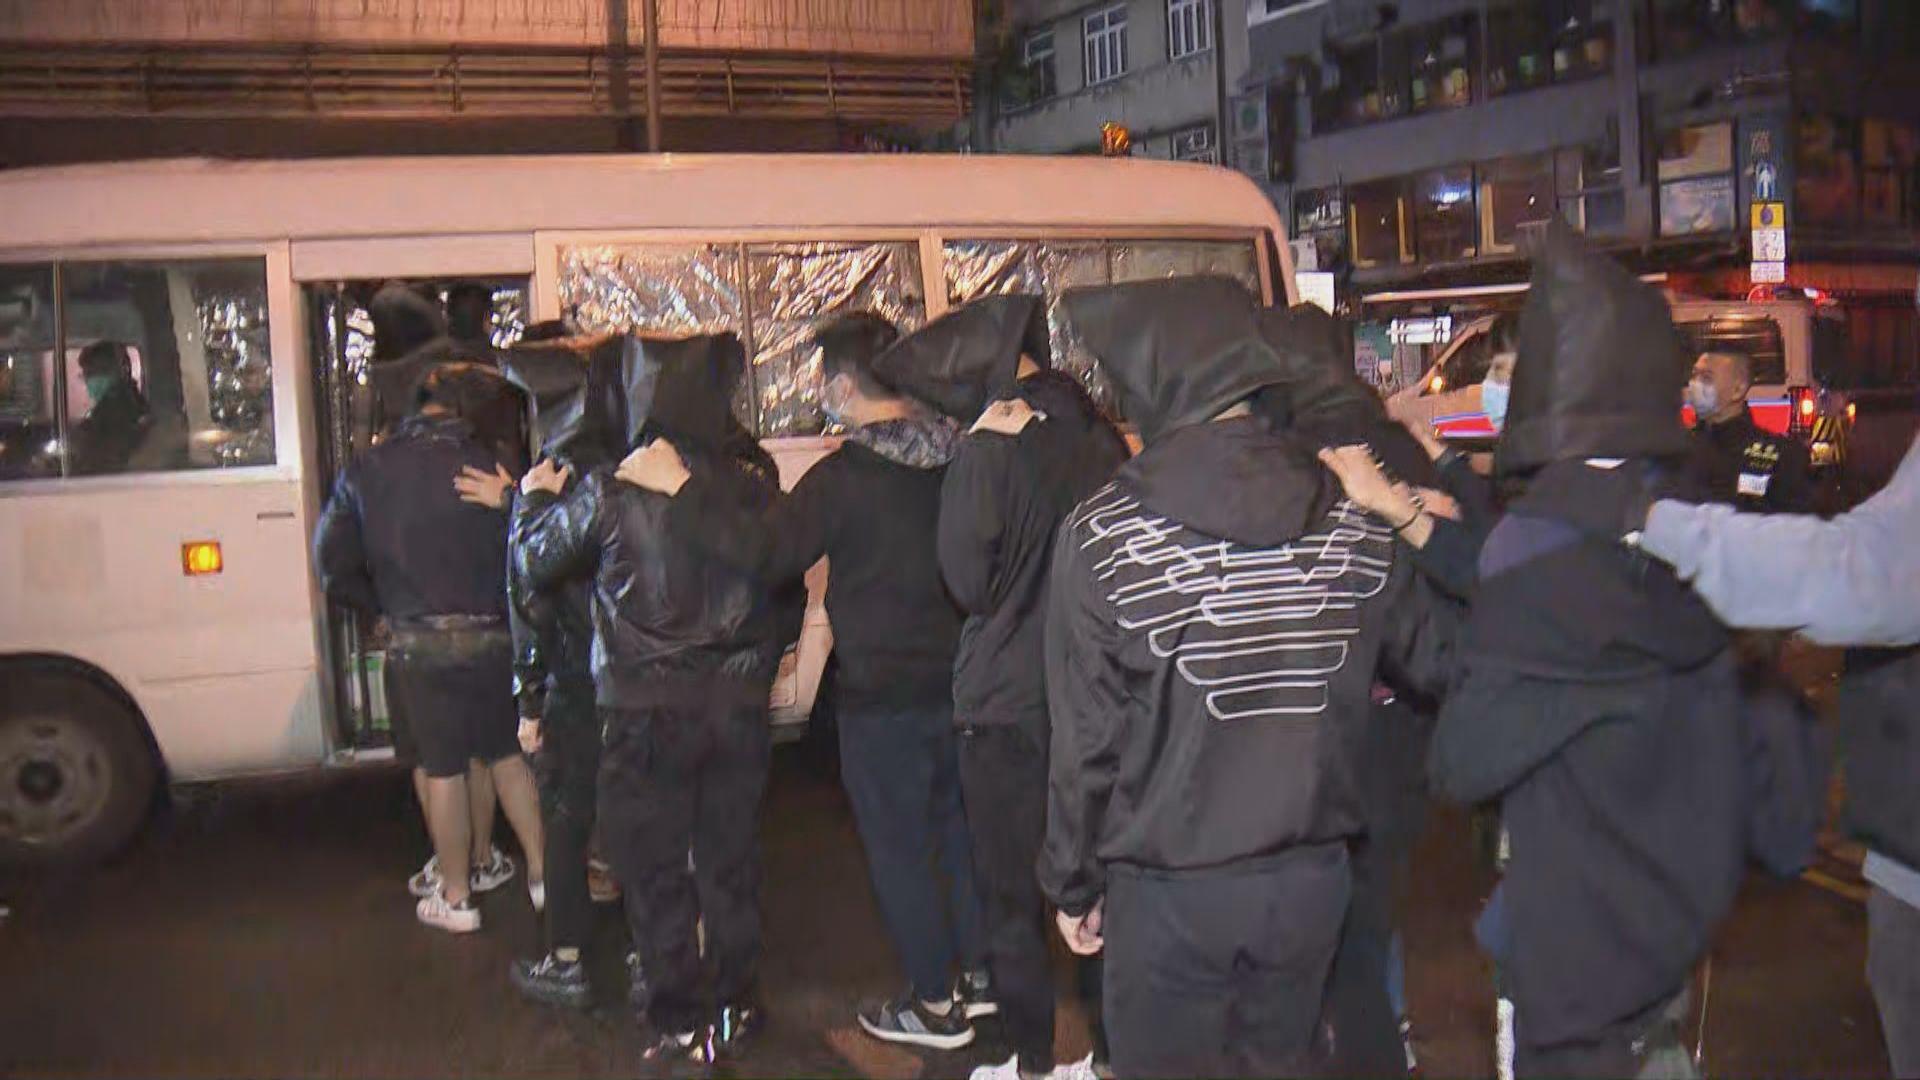 警尖沙咀反黑查無牌酒吧拘16男女